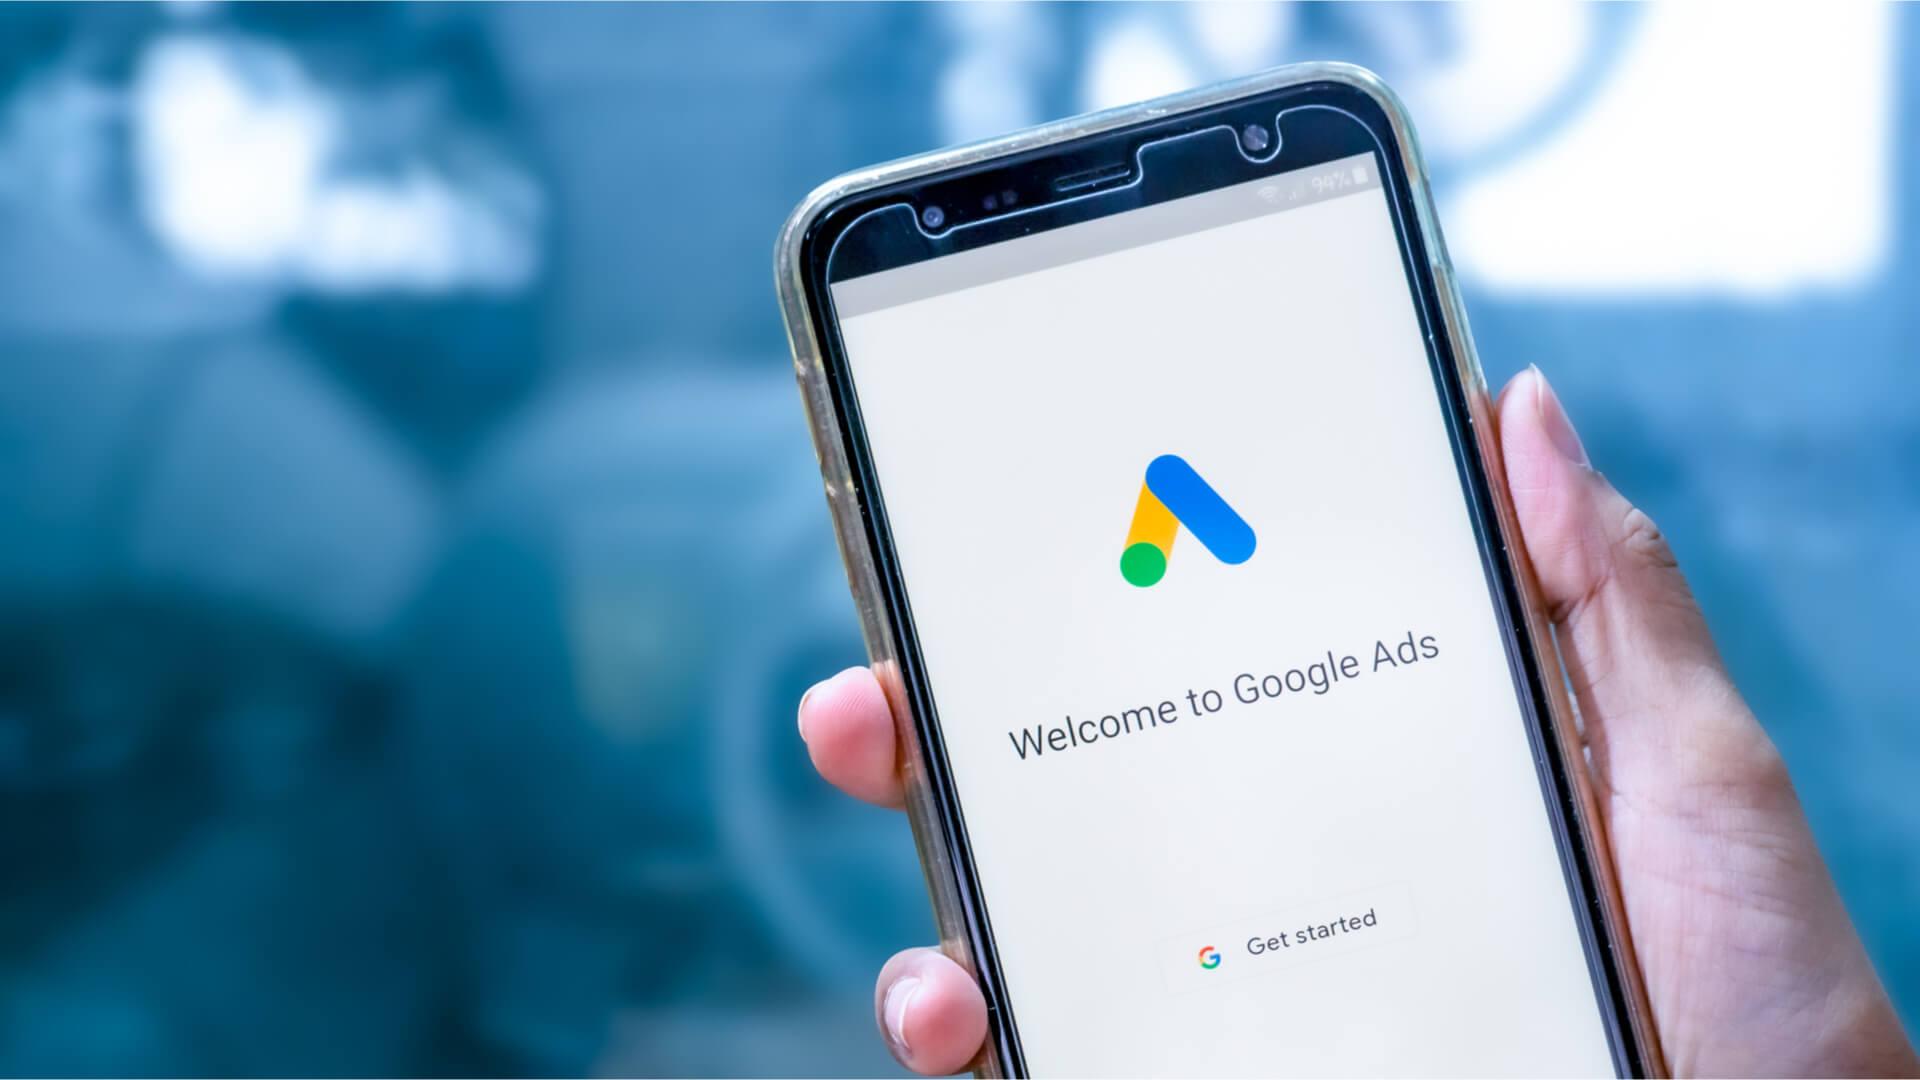 Tres preguntas que las pymes deben hacer para maximizar su crédito de Google Ads COVID-19